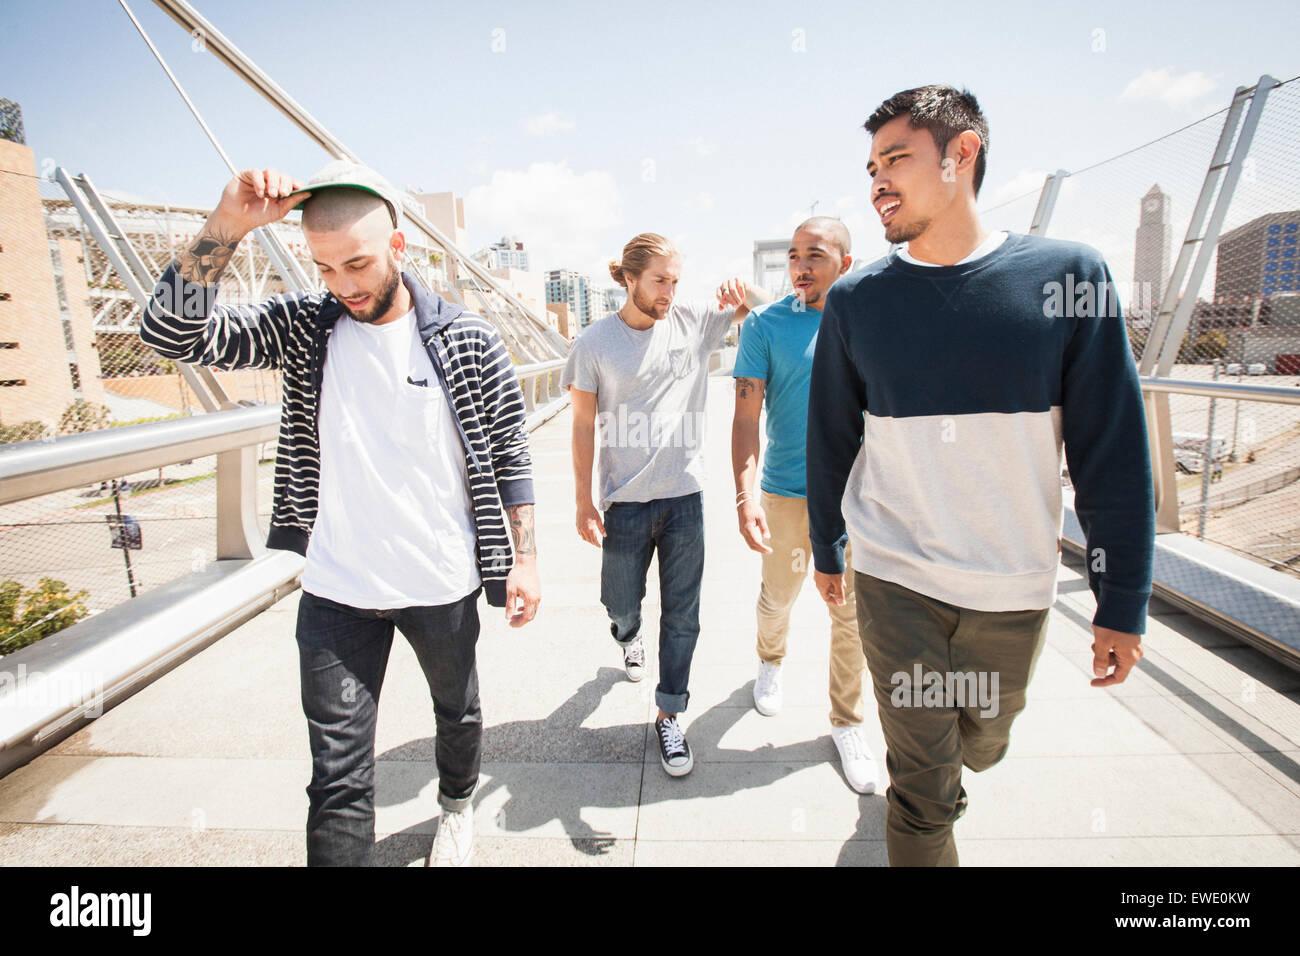 Groupe de jeunes hommes marchant le long de la passerelle Photo Stock